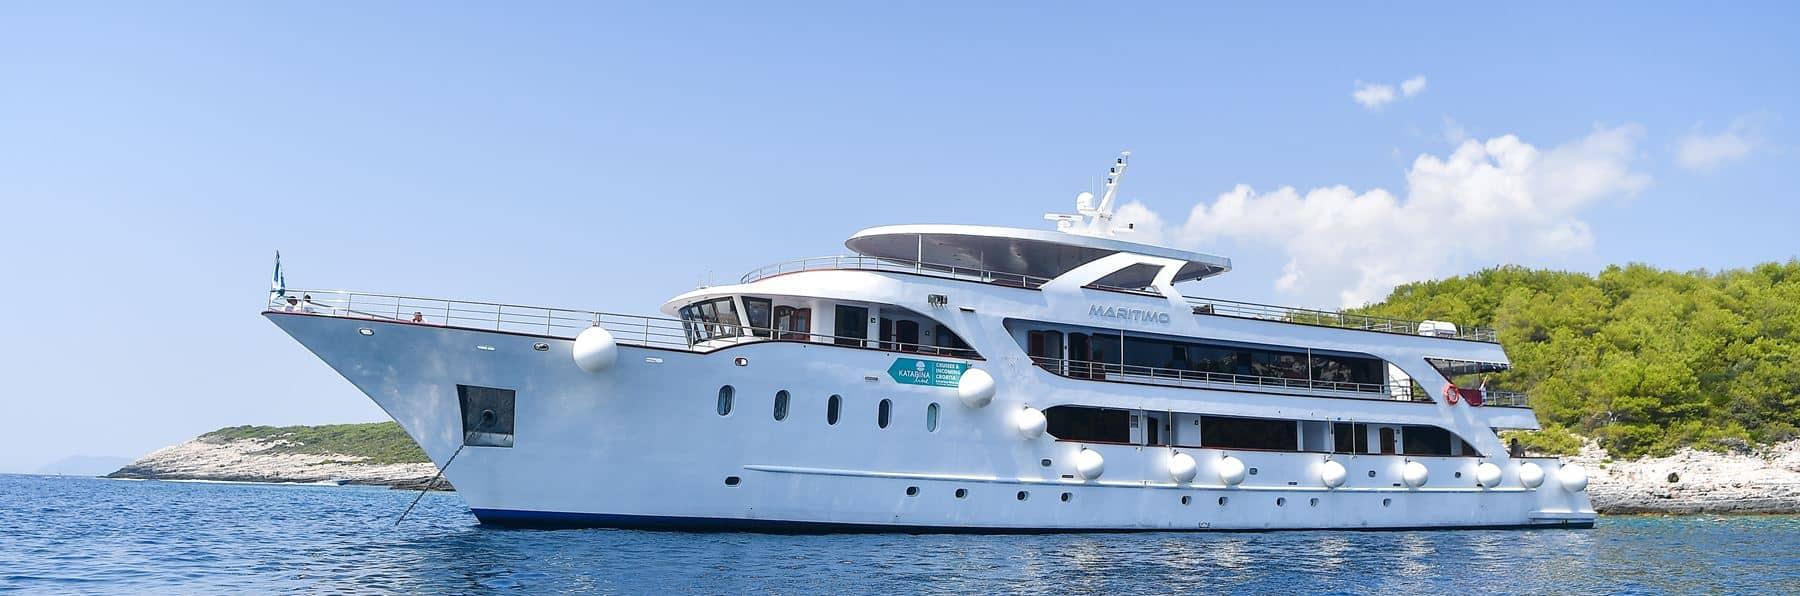 MS Maritimo, Croatia Cruise